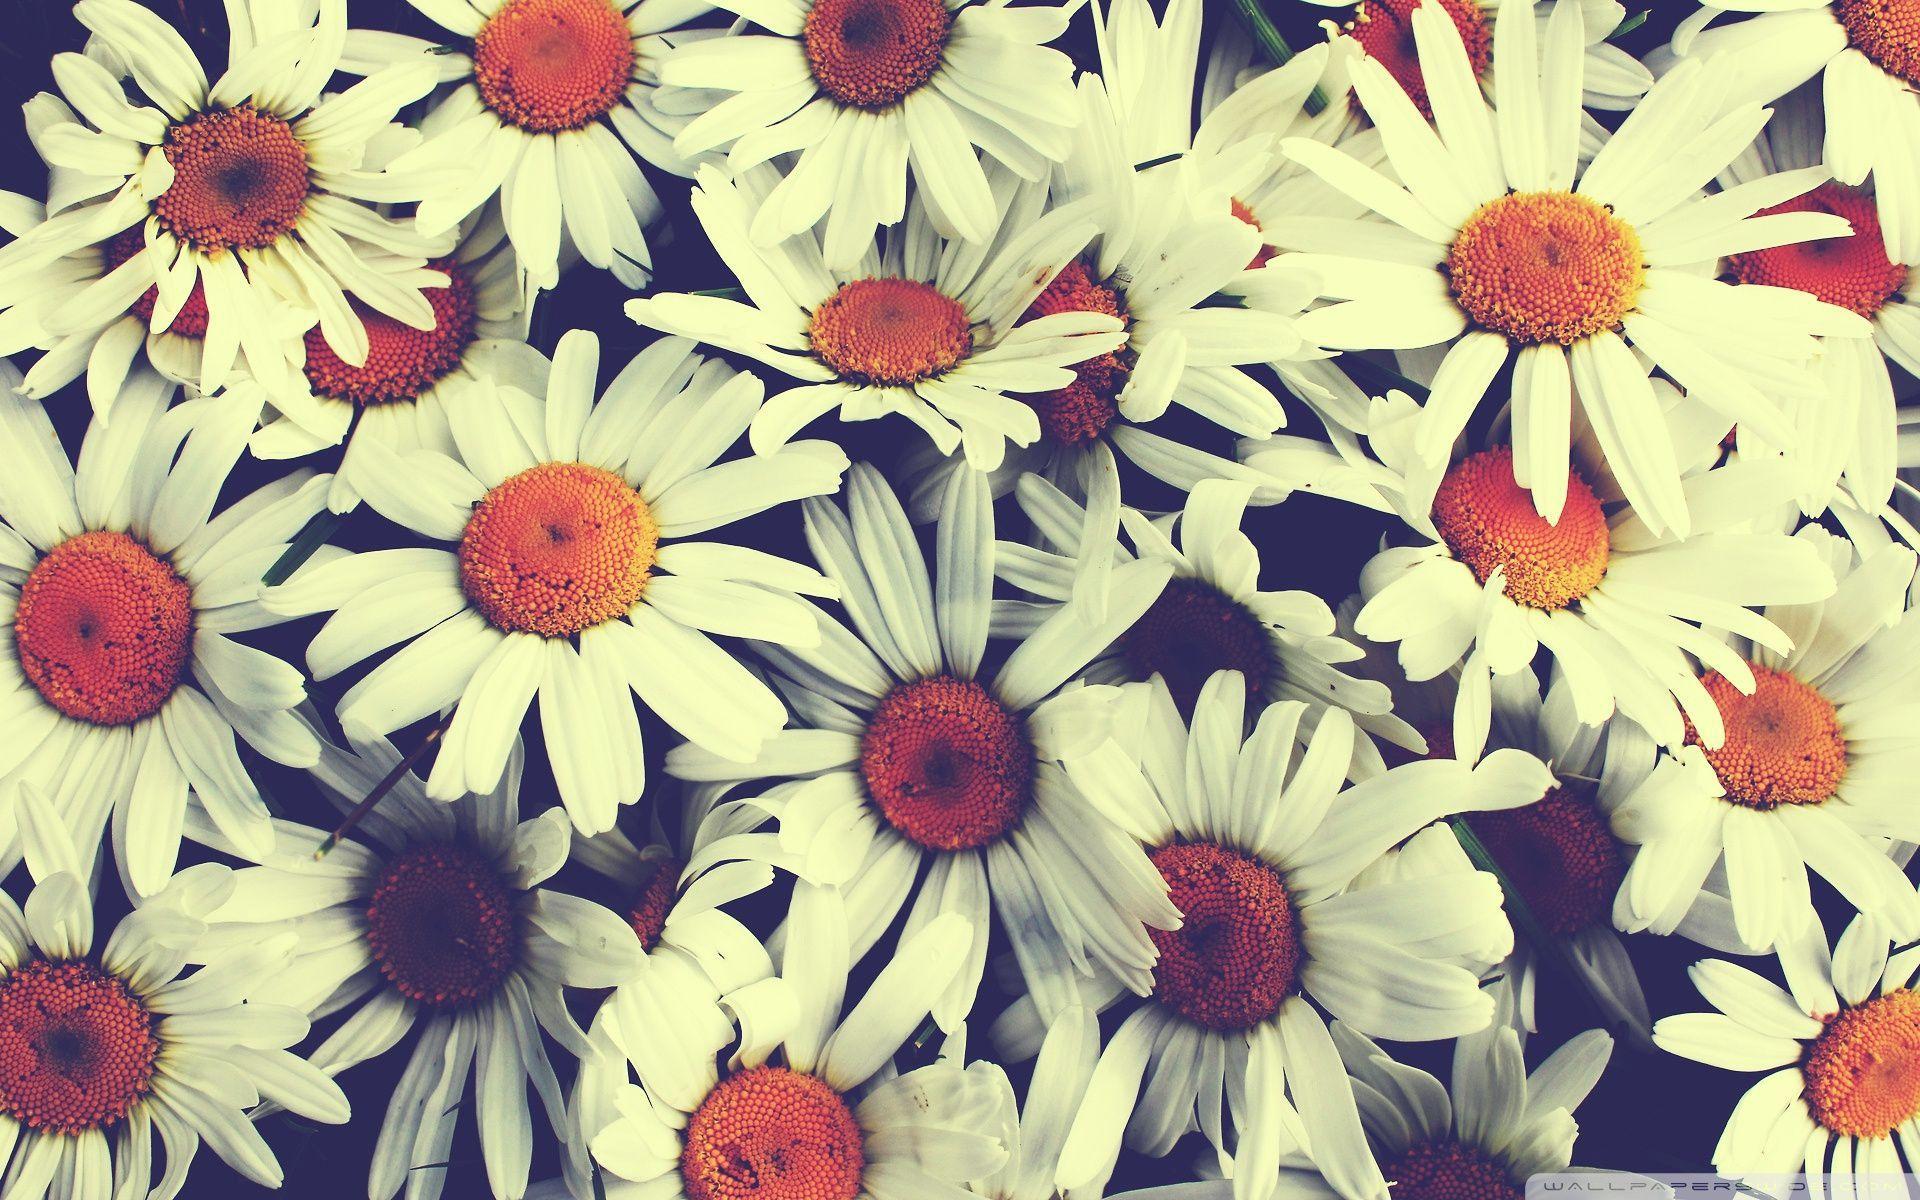 Vintage Flower Wallpaper   Desktop Backgrounds Flowers Vintage 1920x1200